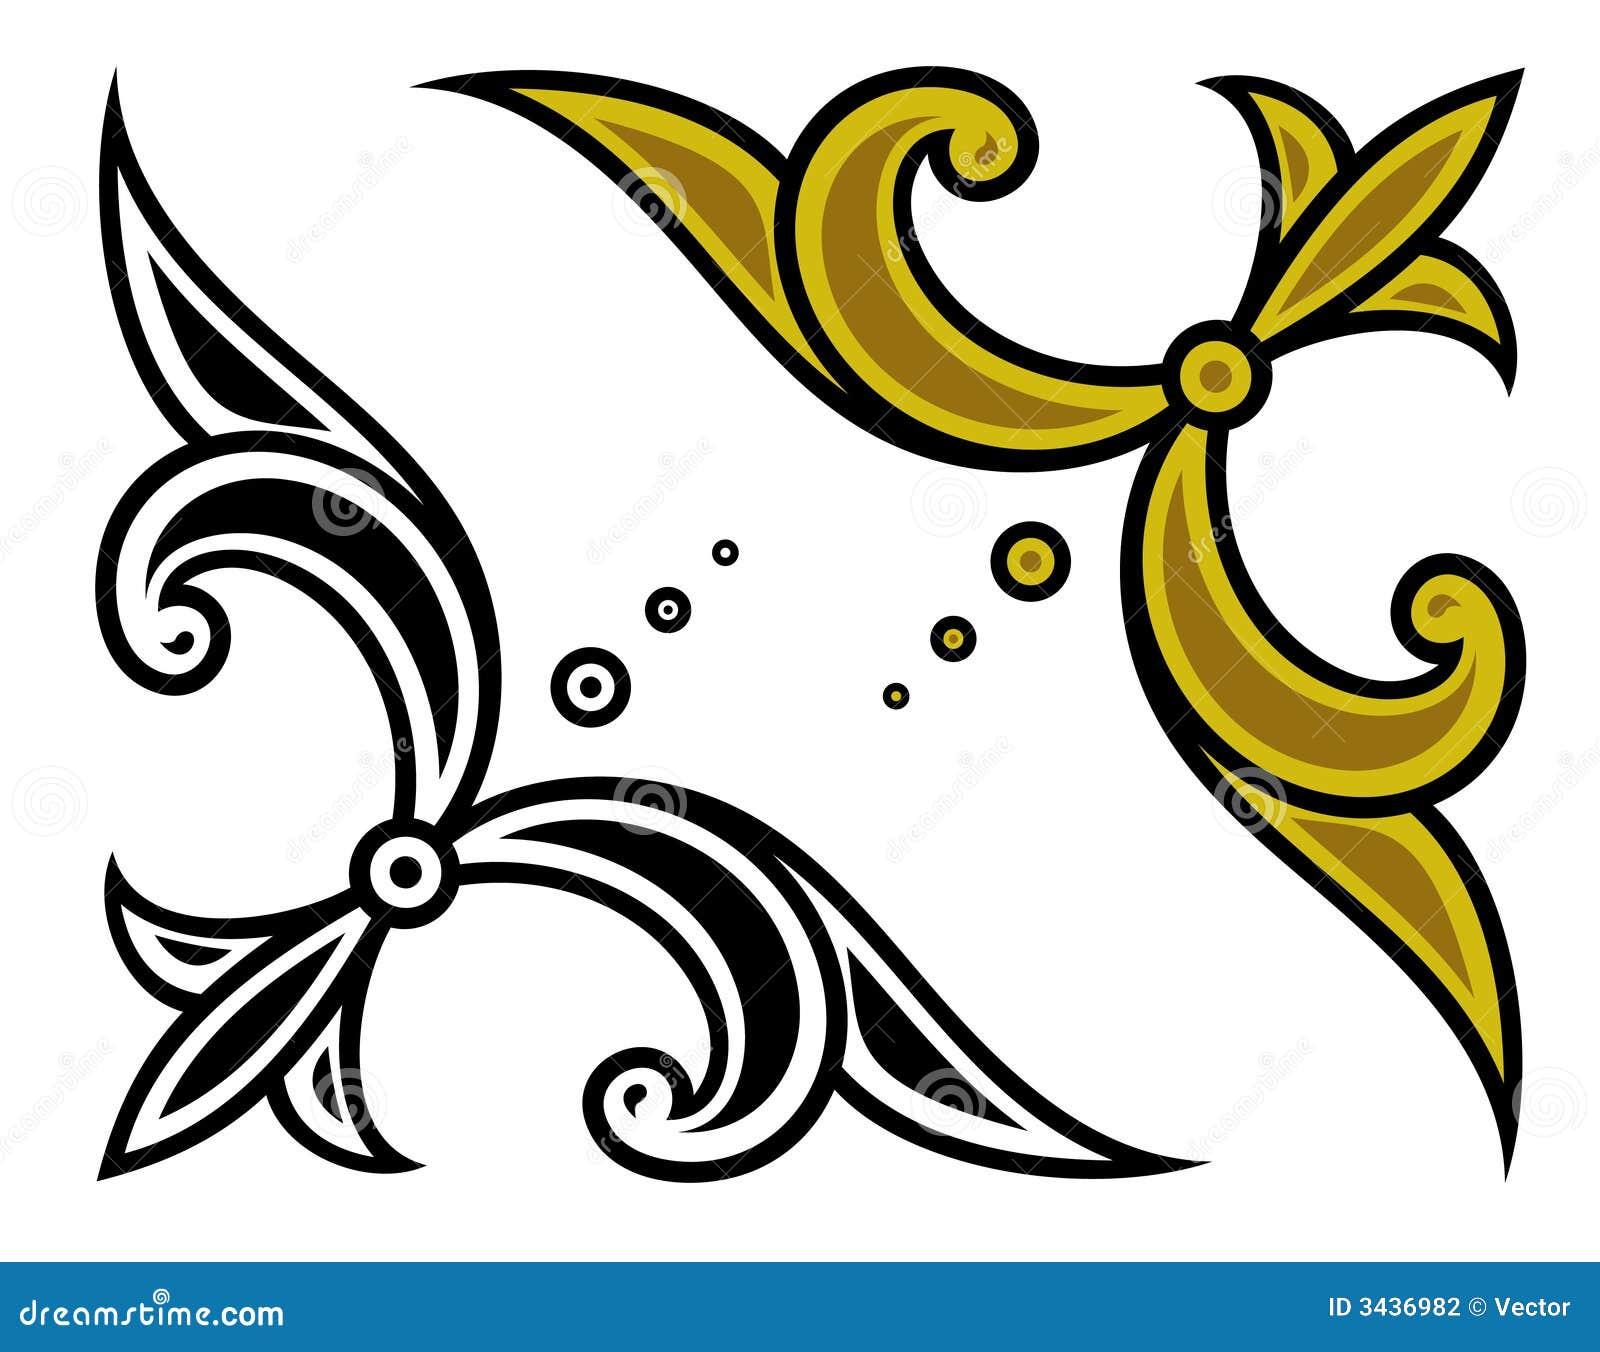 Vector corner ornament stock vector. Image of decor ...